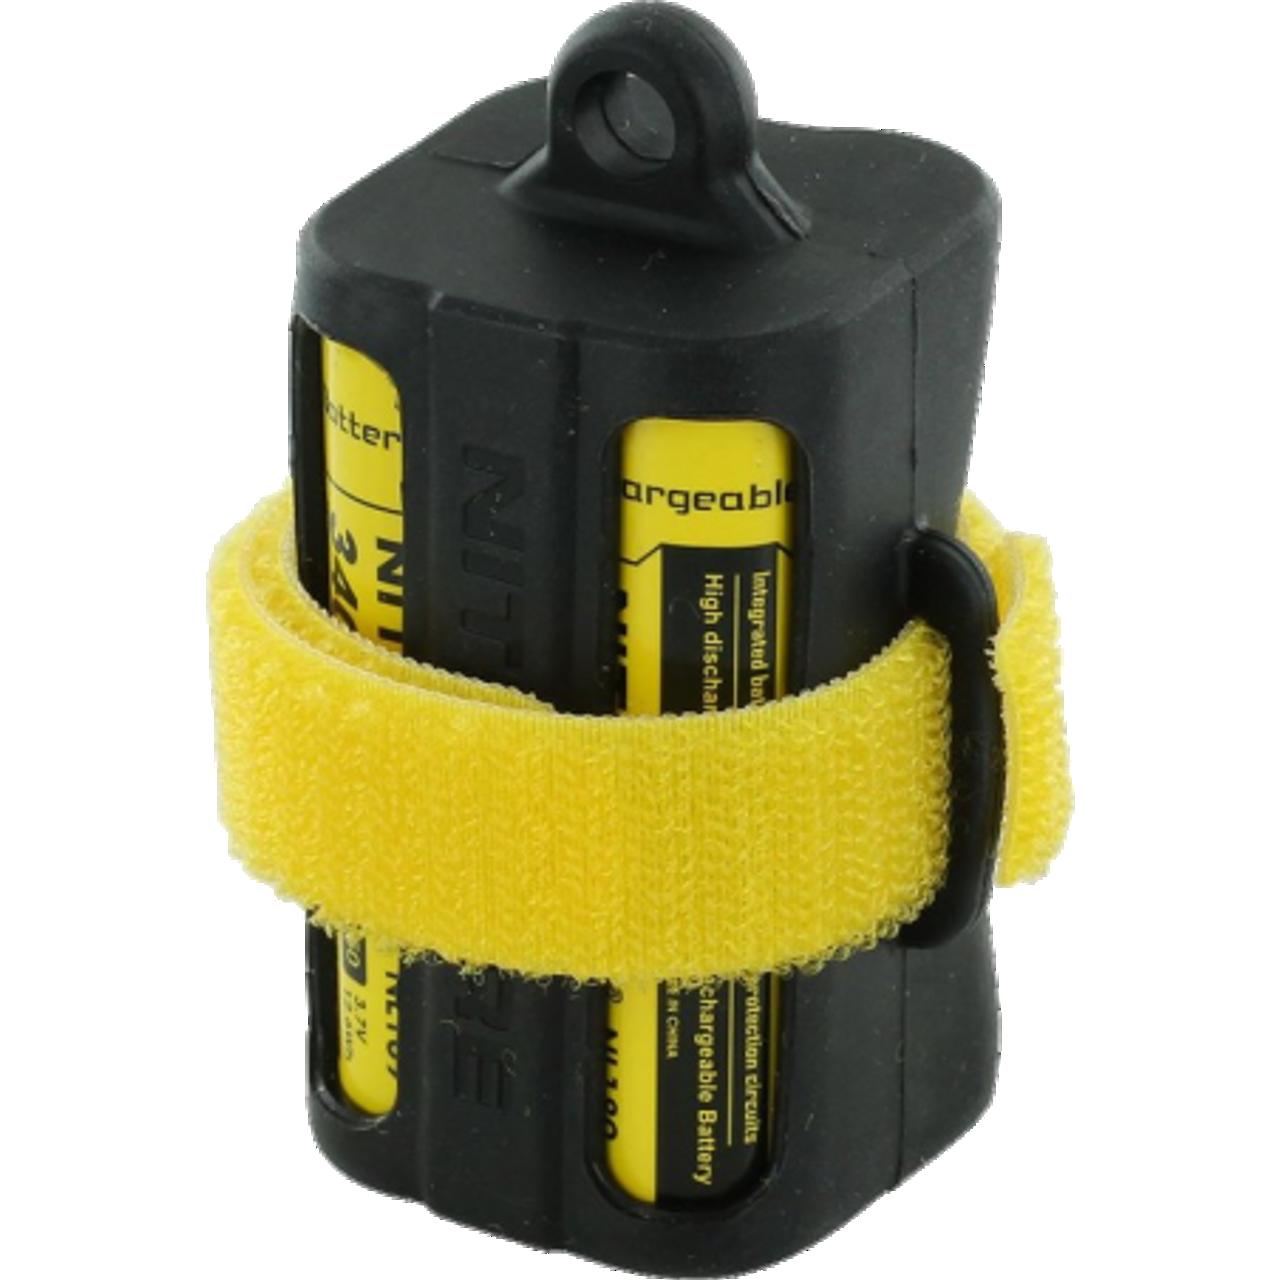 Nitecore NBM40 Battery Holder Black